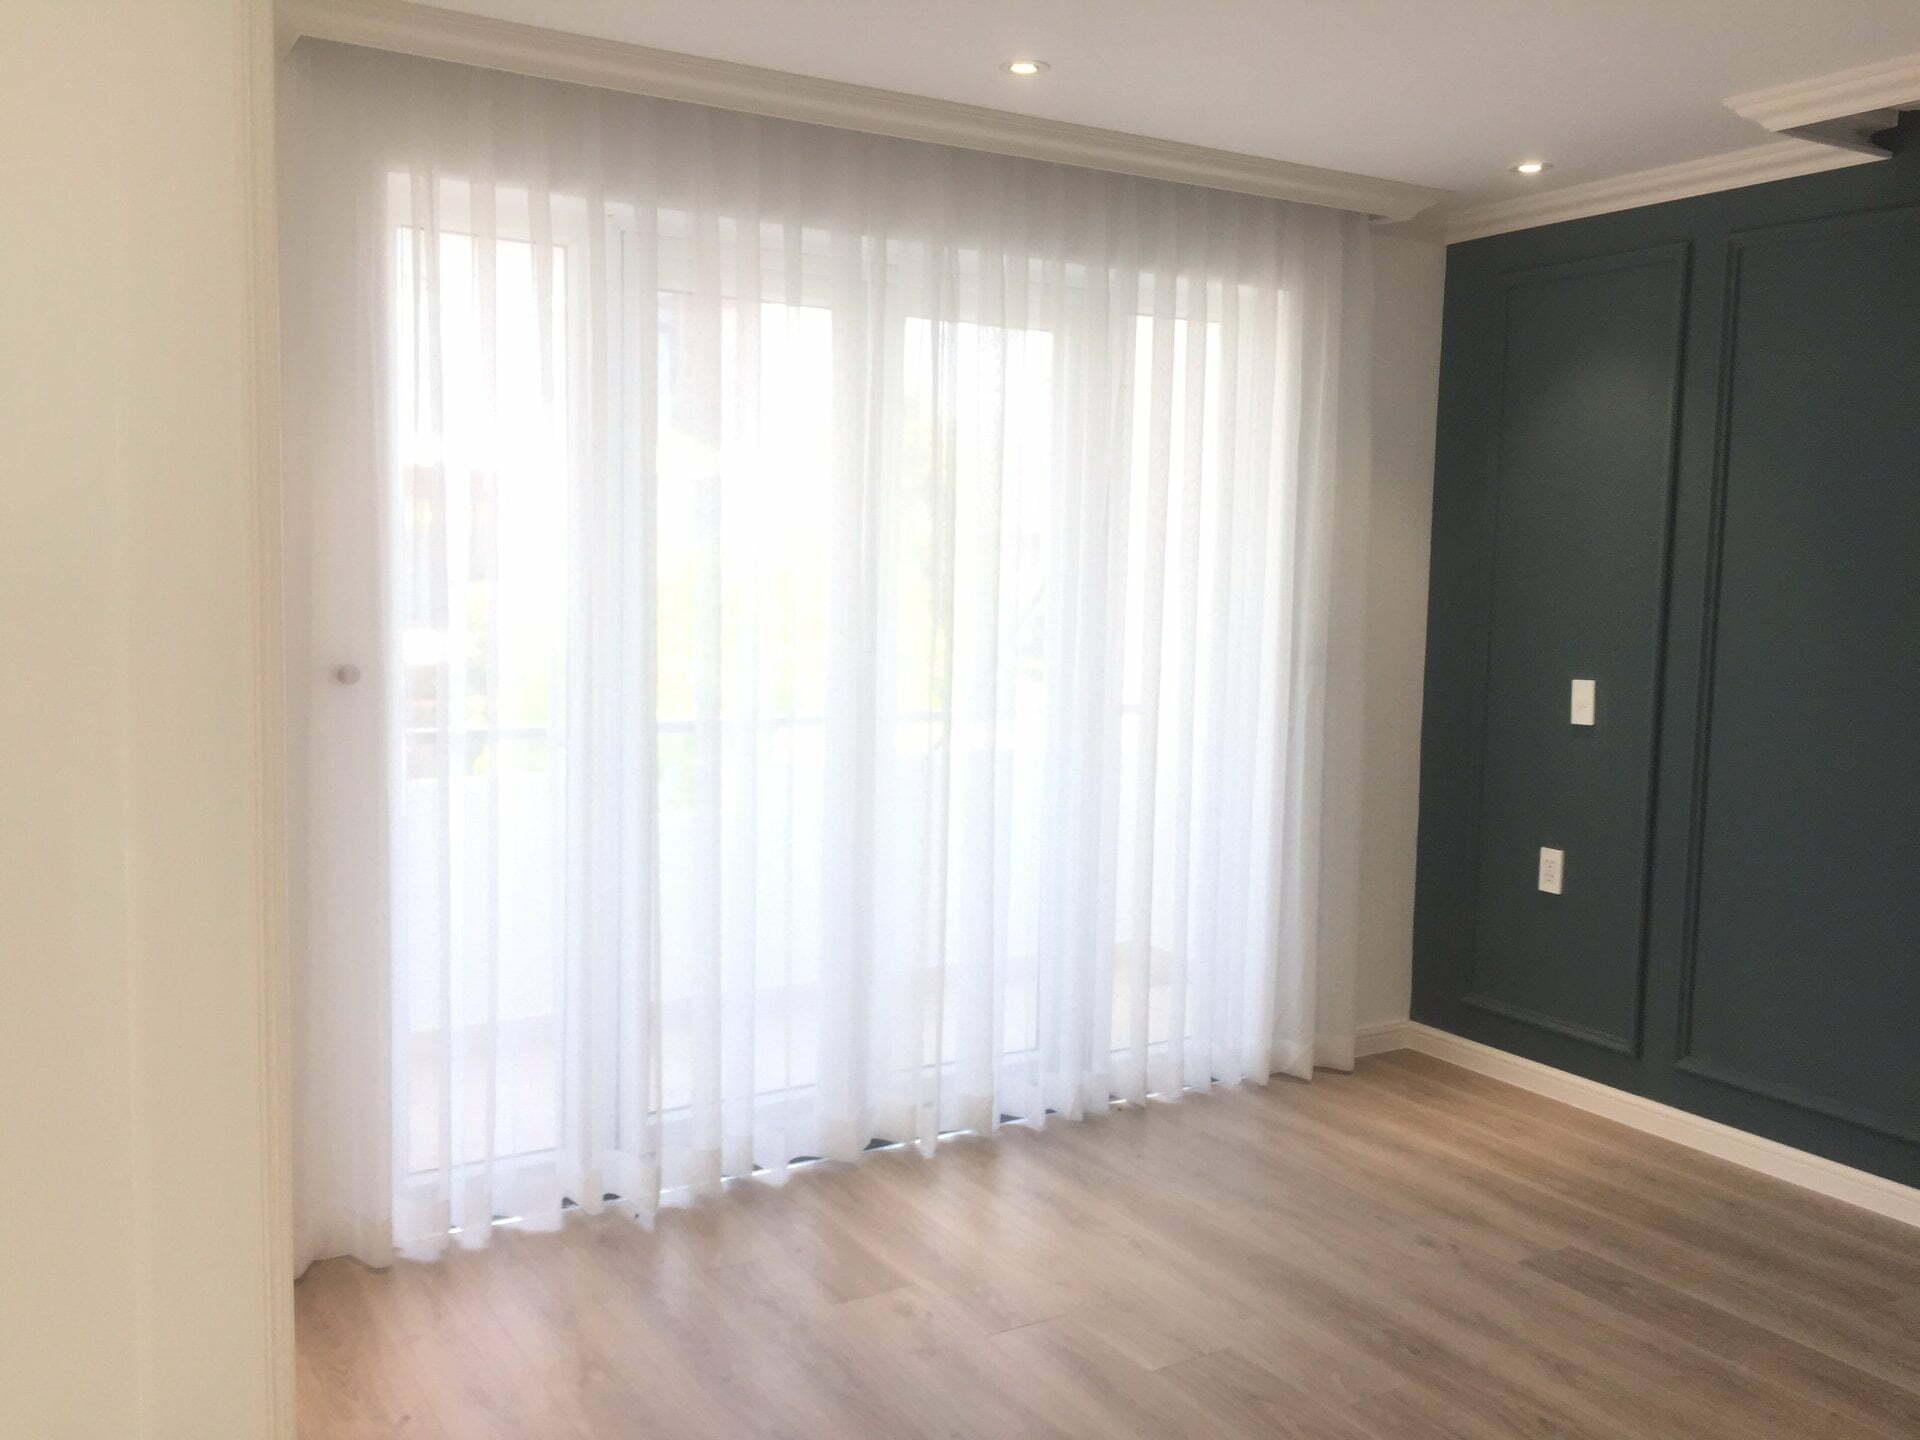 Rèm vải voan trơn cho căn hộ CCPHW22